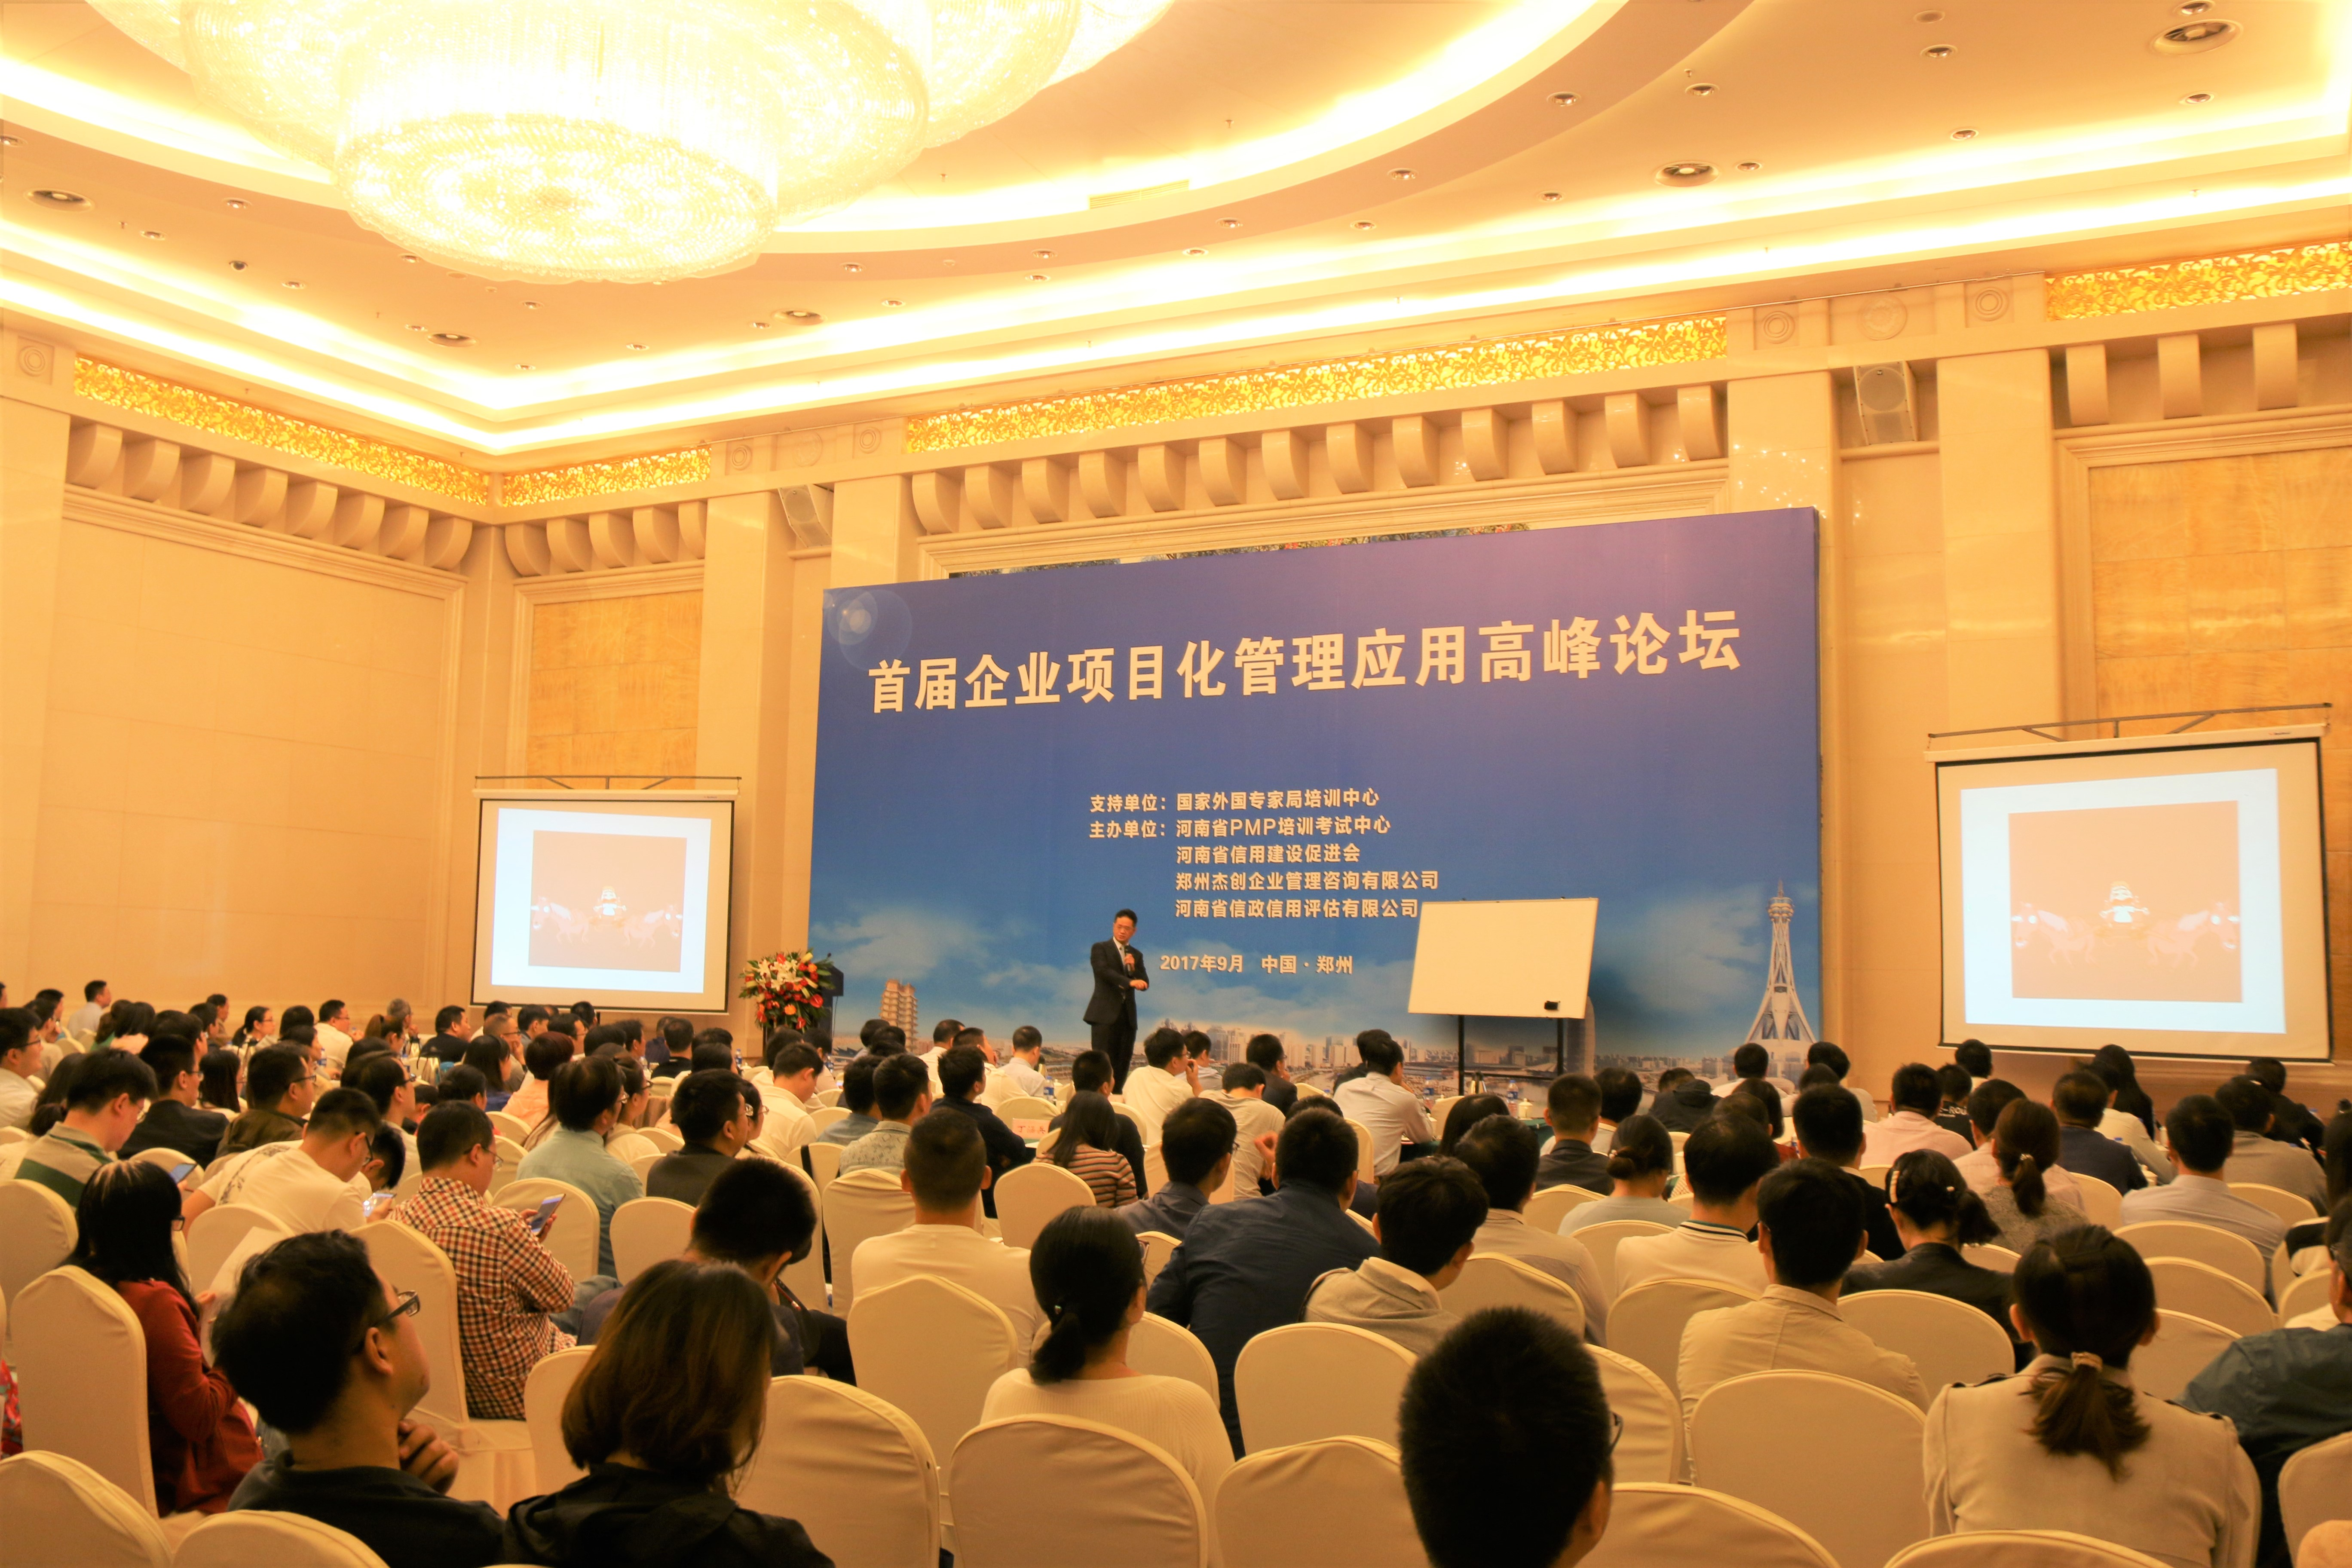 河南省首届项目化管理应用高峰论坛